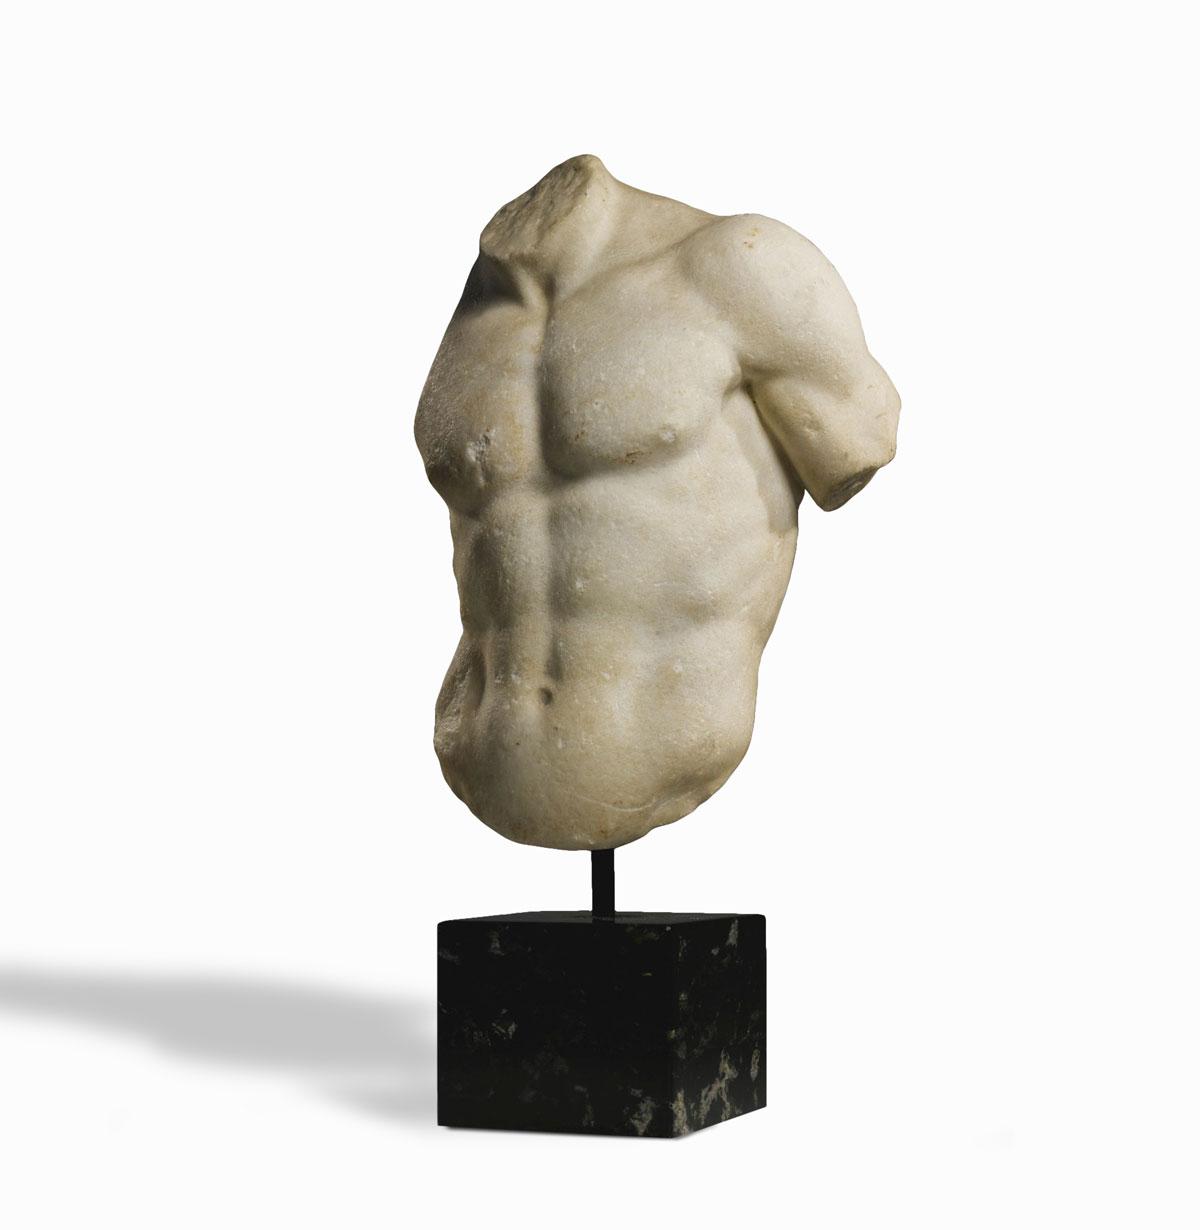 buste romain en marbre, archéologie romaine, sculpture romaine et egyptienne en marbre, granit, bronze, bois, achète, vend expertise archéologie romaine, oeuvre d'art ancienne